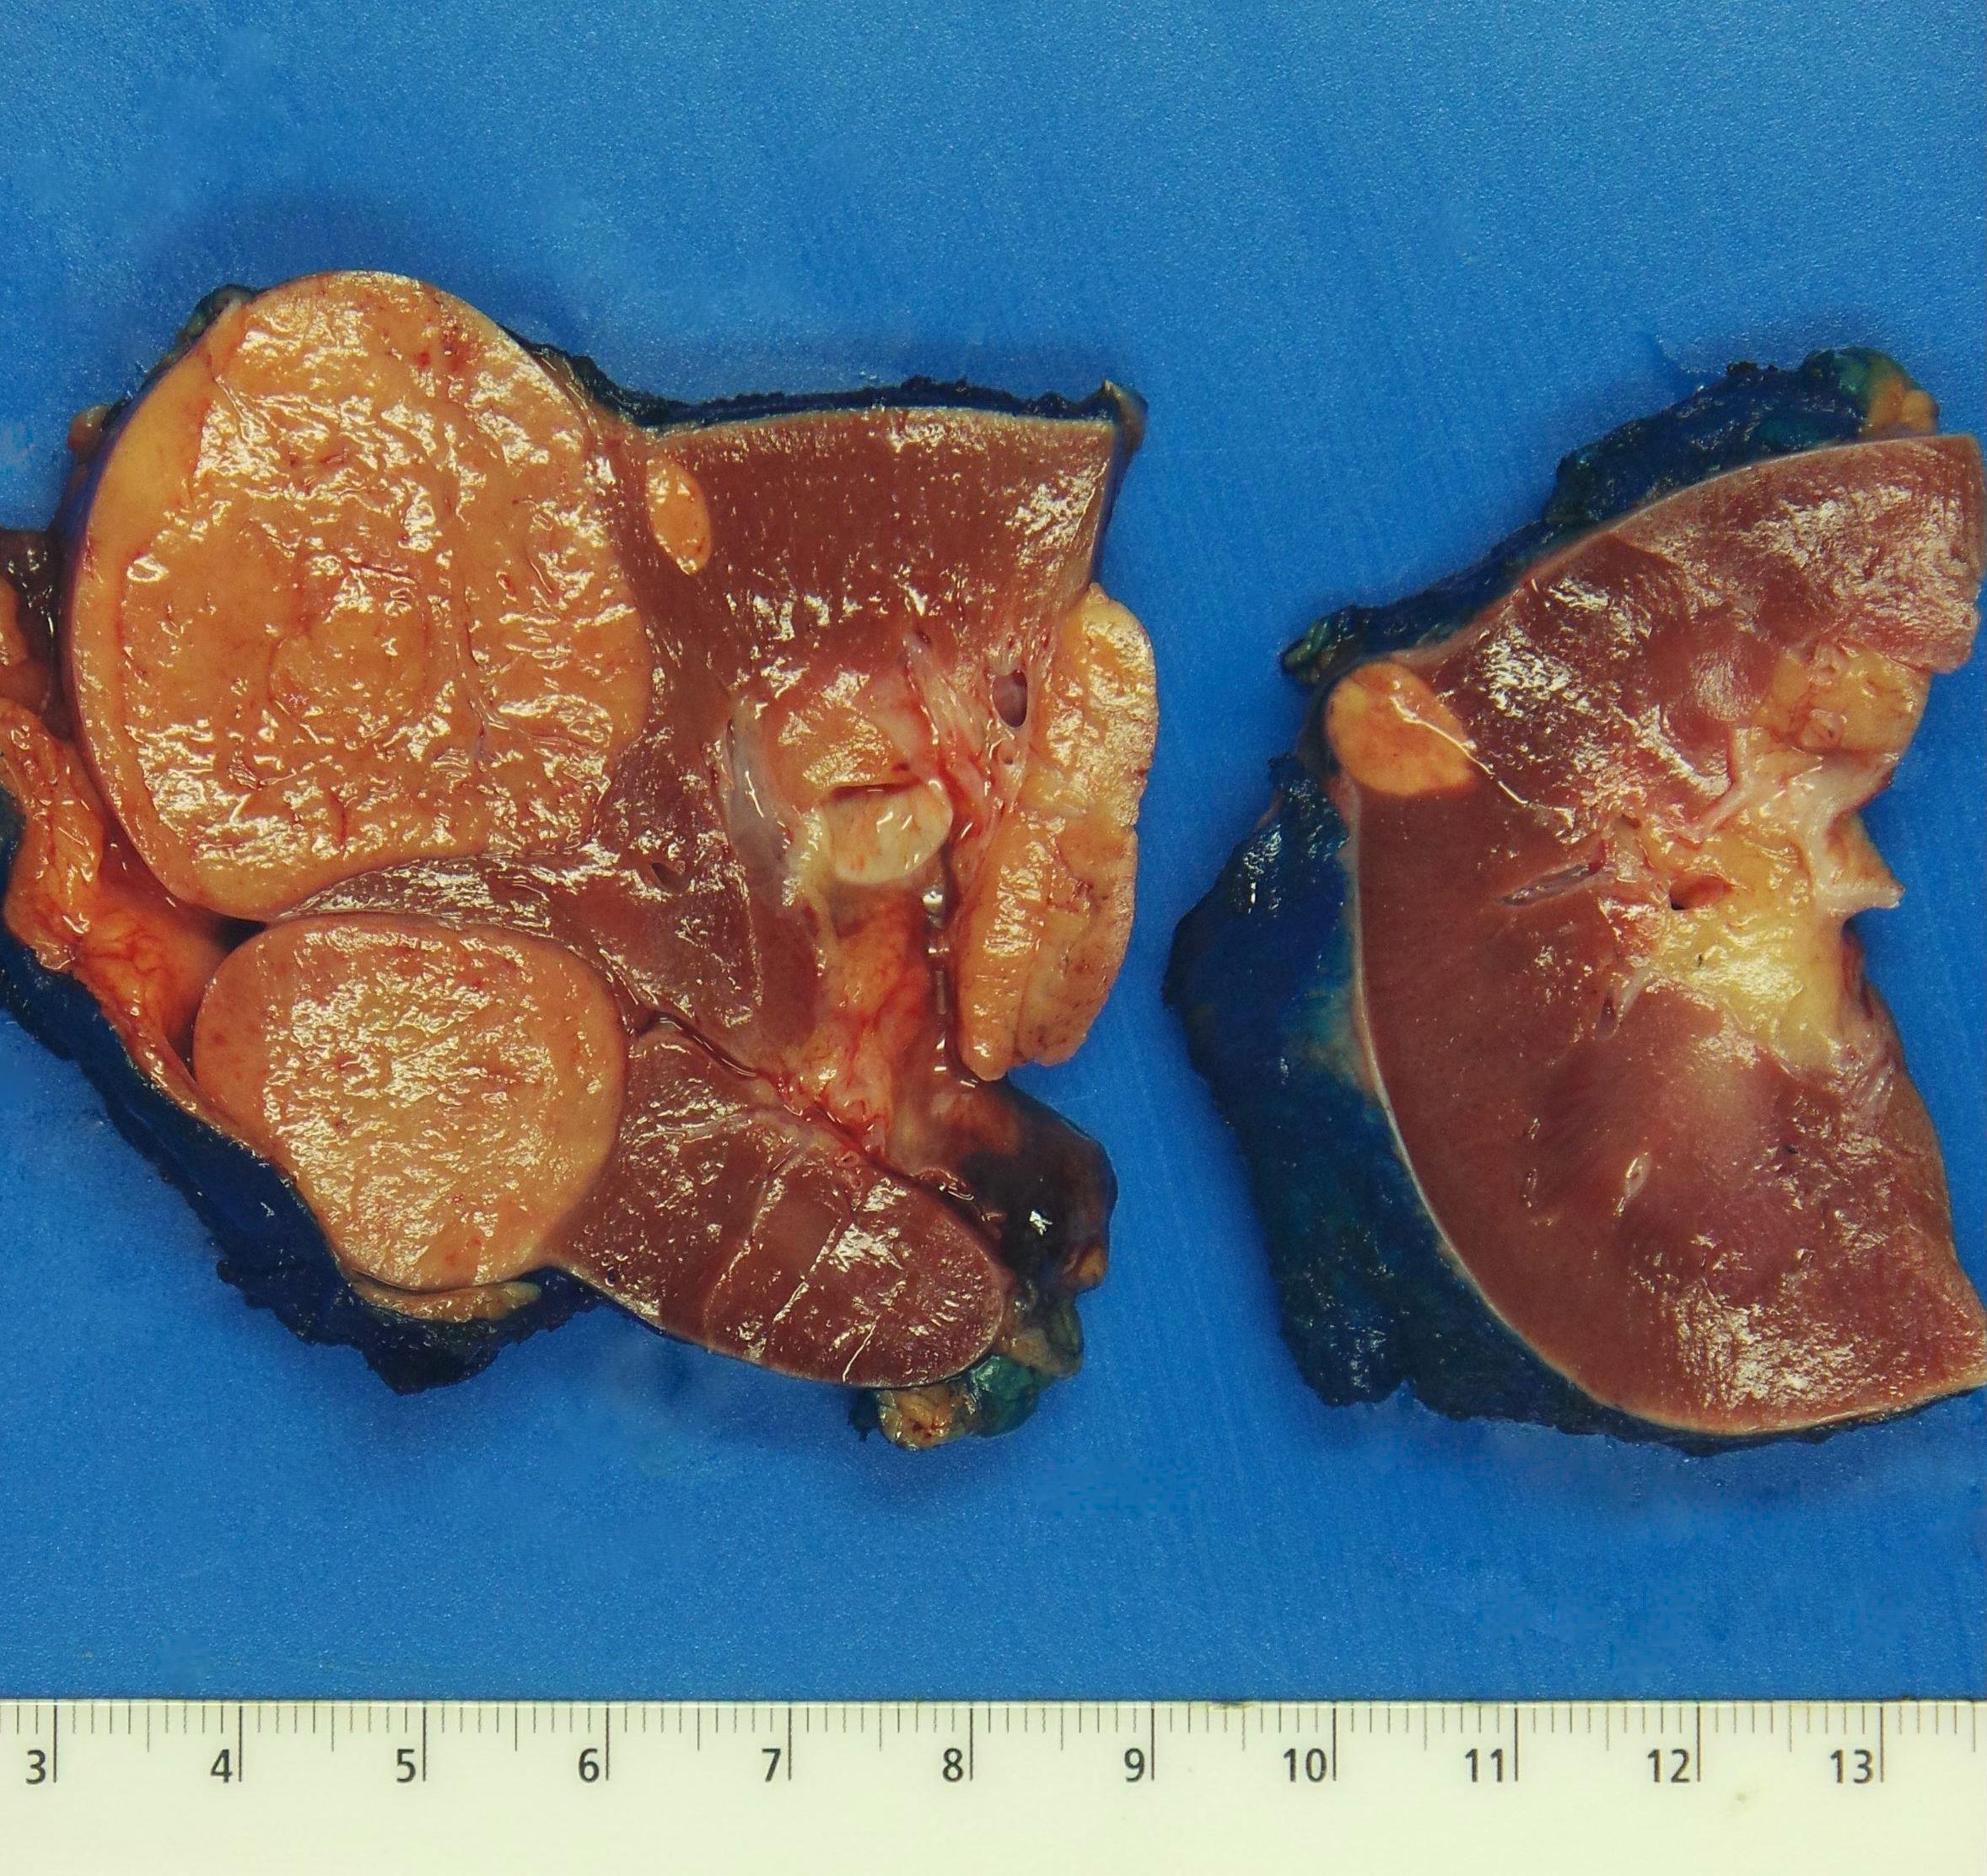 Multiple tan-brown tumors